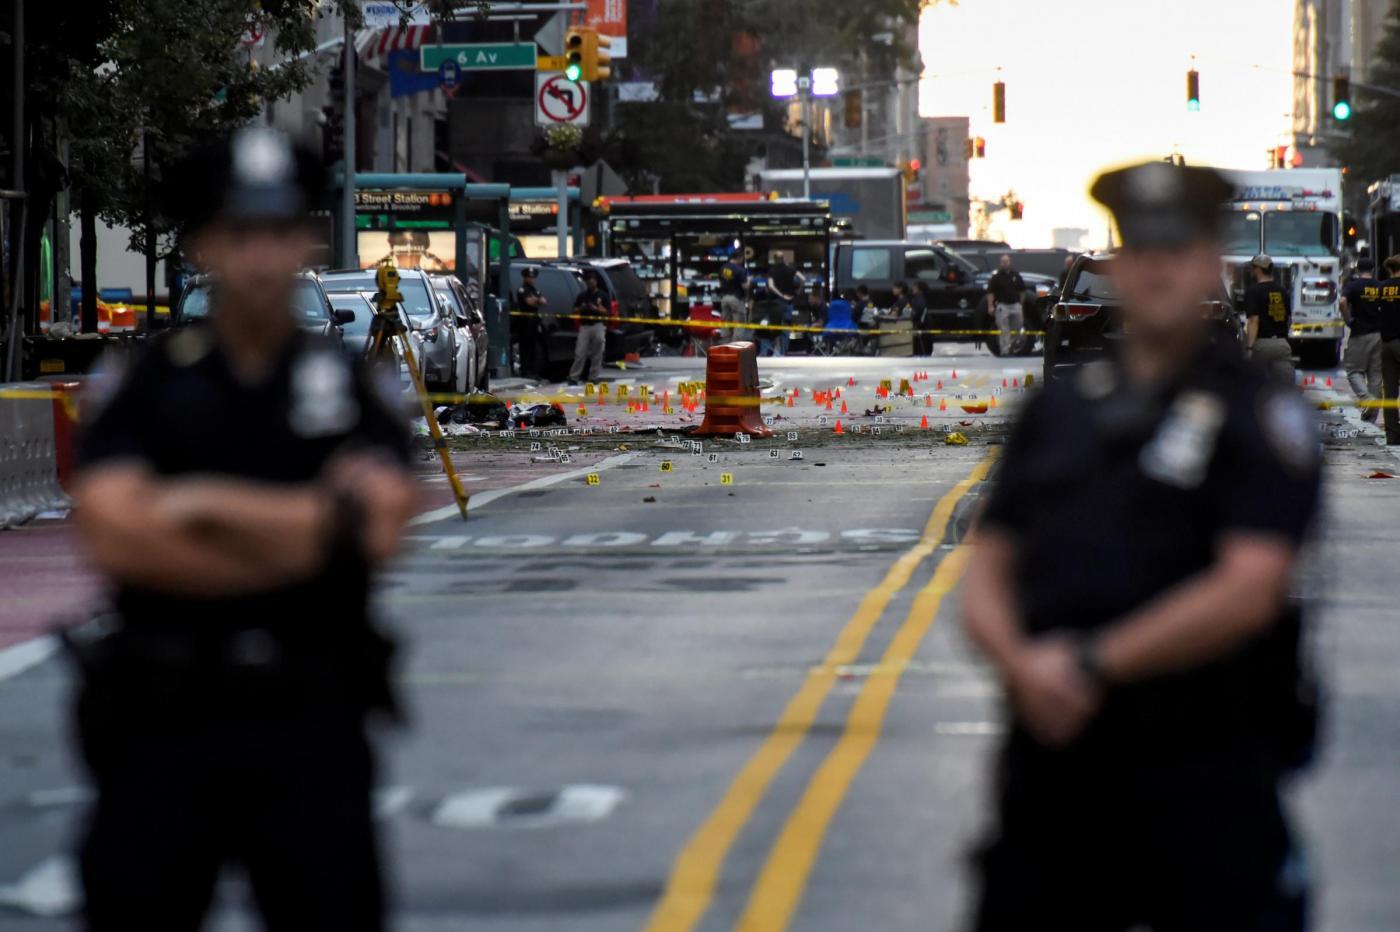 Esplosione a New York, preso il 28enne afghano dopo una sparatoria